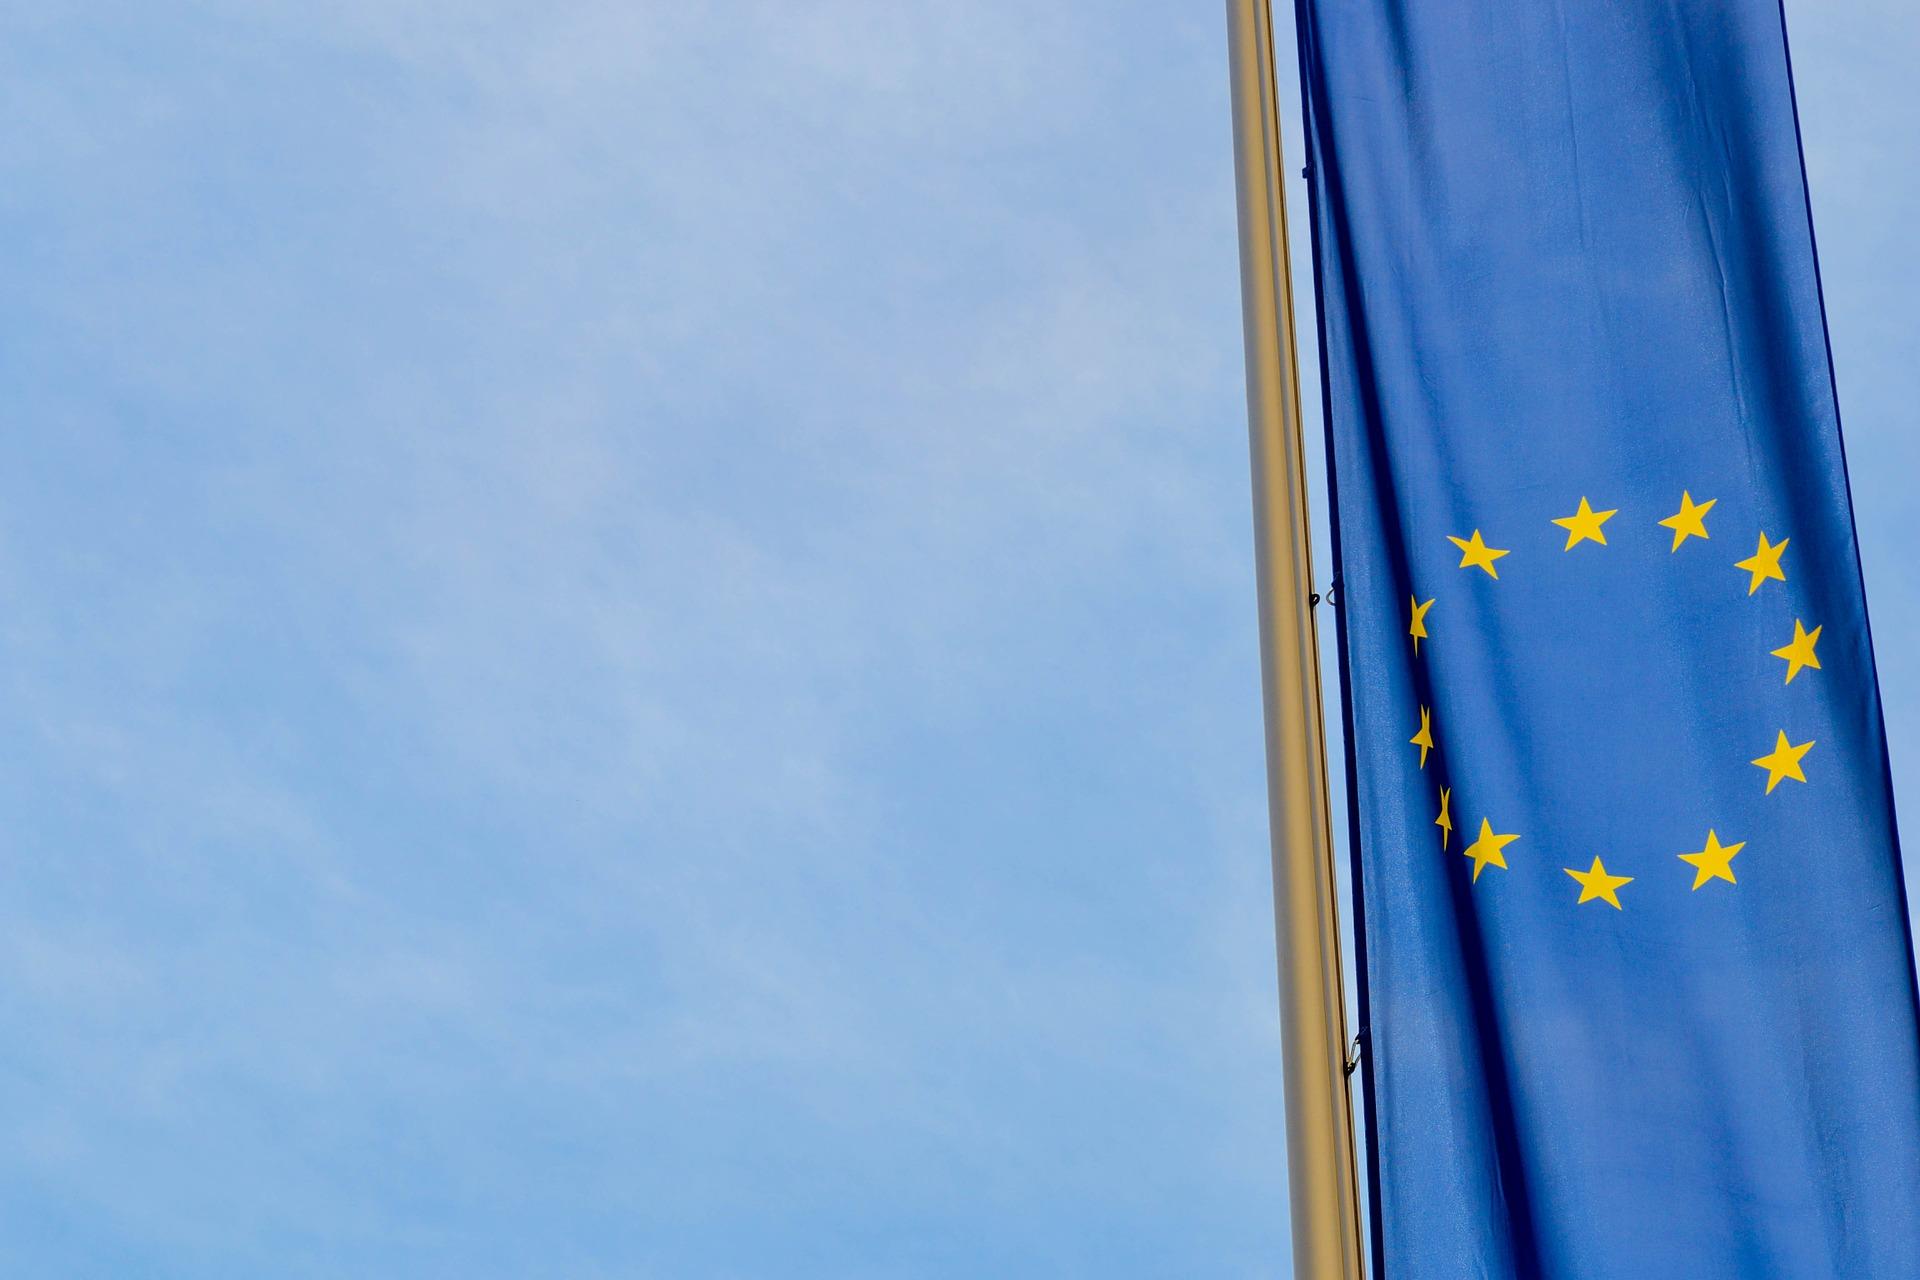 U kogo najtańszy roaming na terenie Unii Europejskiej? Sprawdzamy!